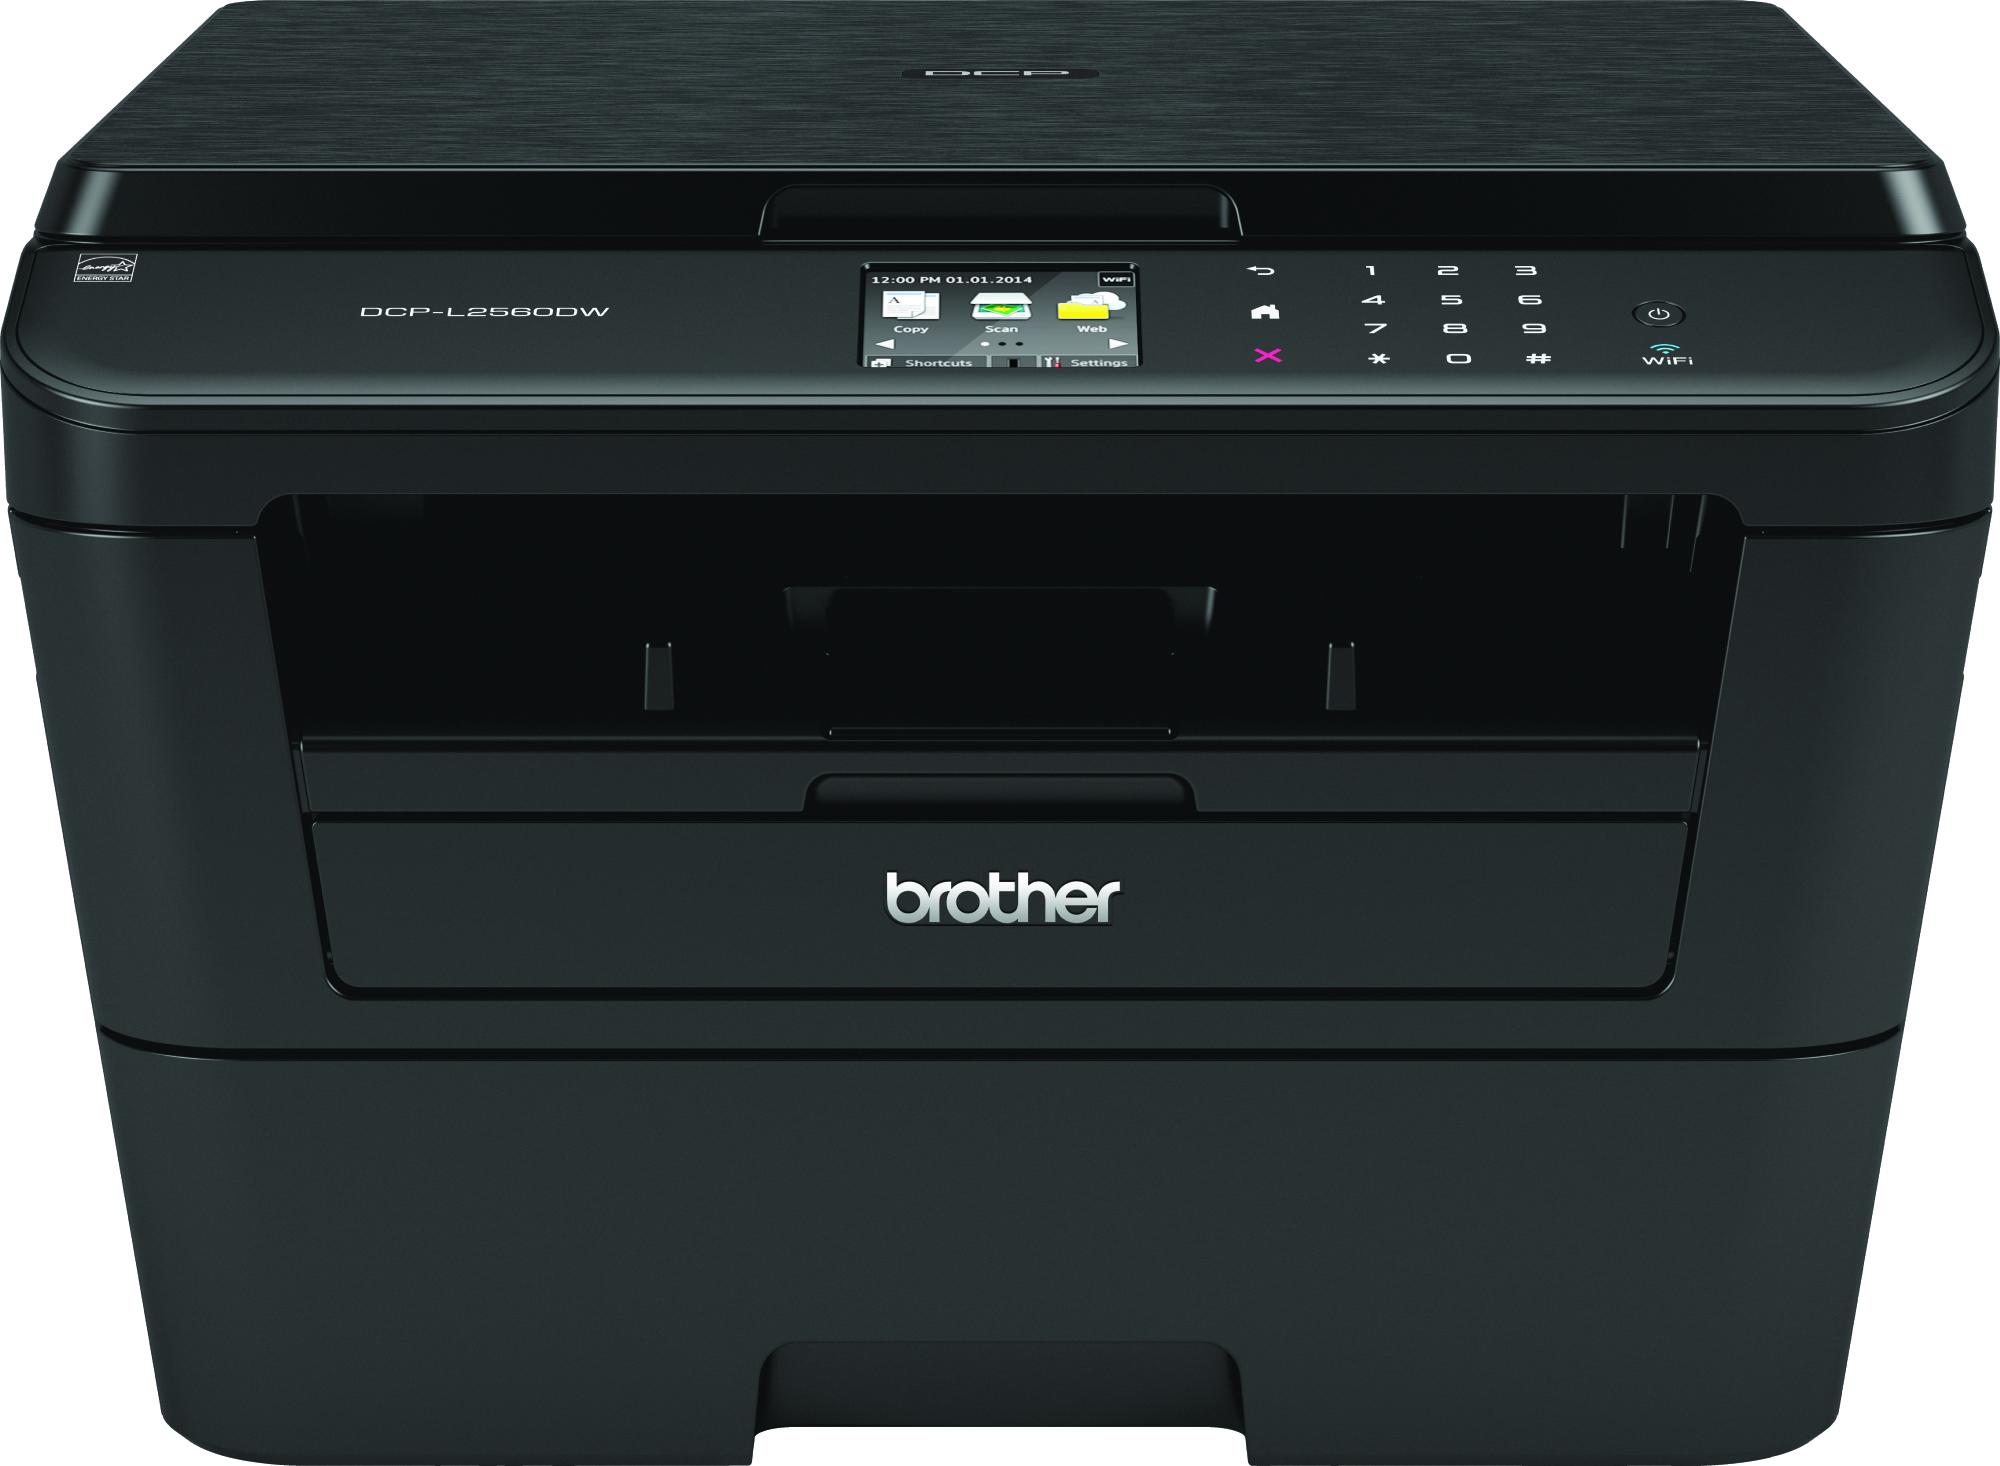 Brother DCP-L2560DW, Schwarzweiss Laser Drucker, A4, 30 Seiten pro Minute, Drucken, Scannen, Kopieren, Duplex und WLAN